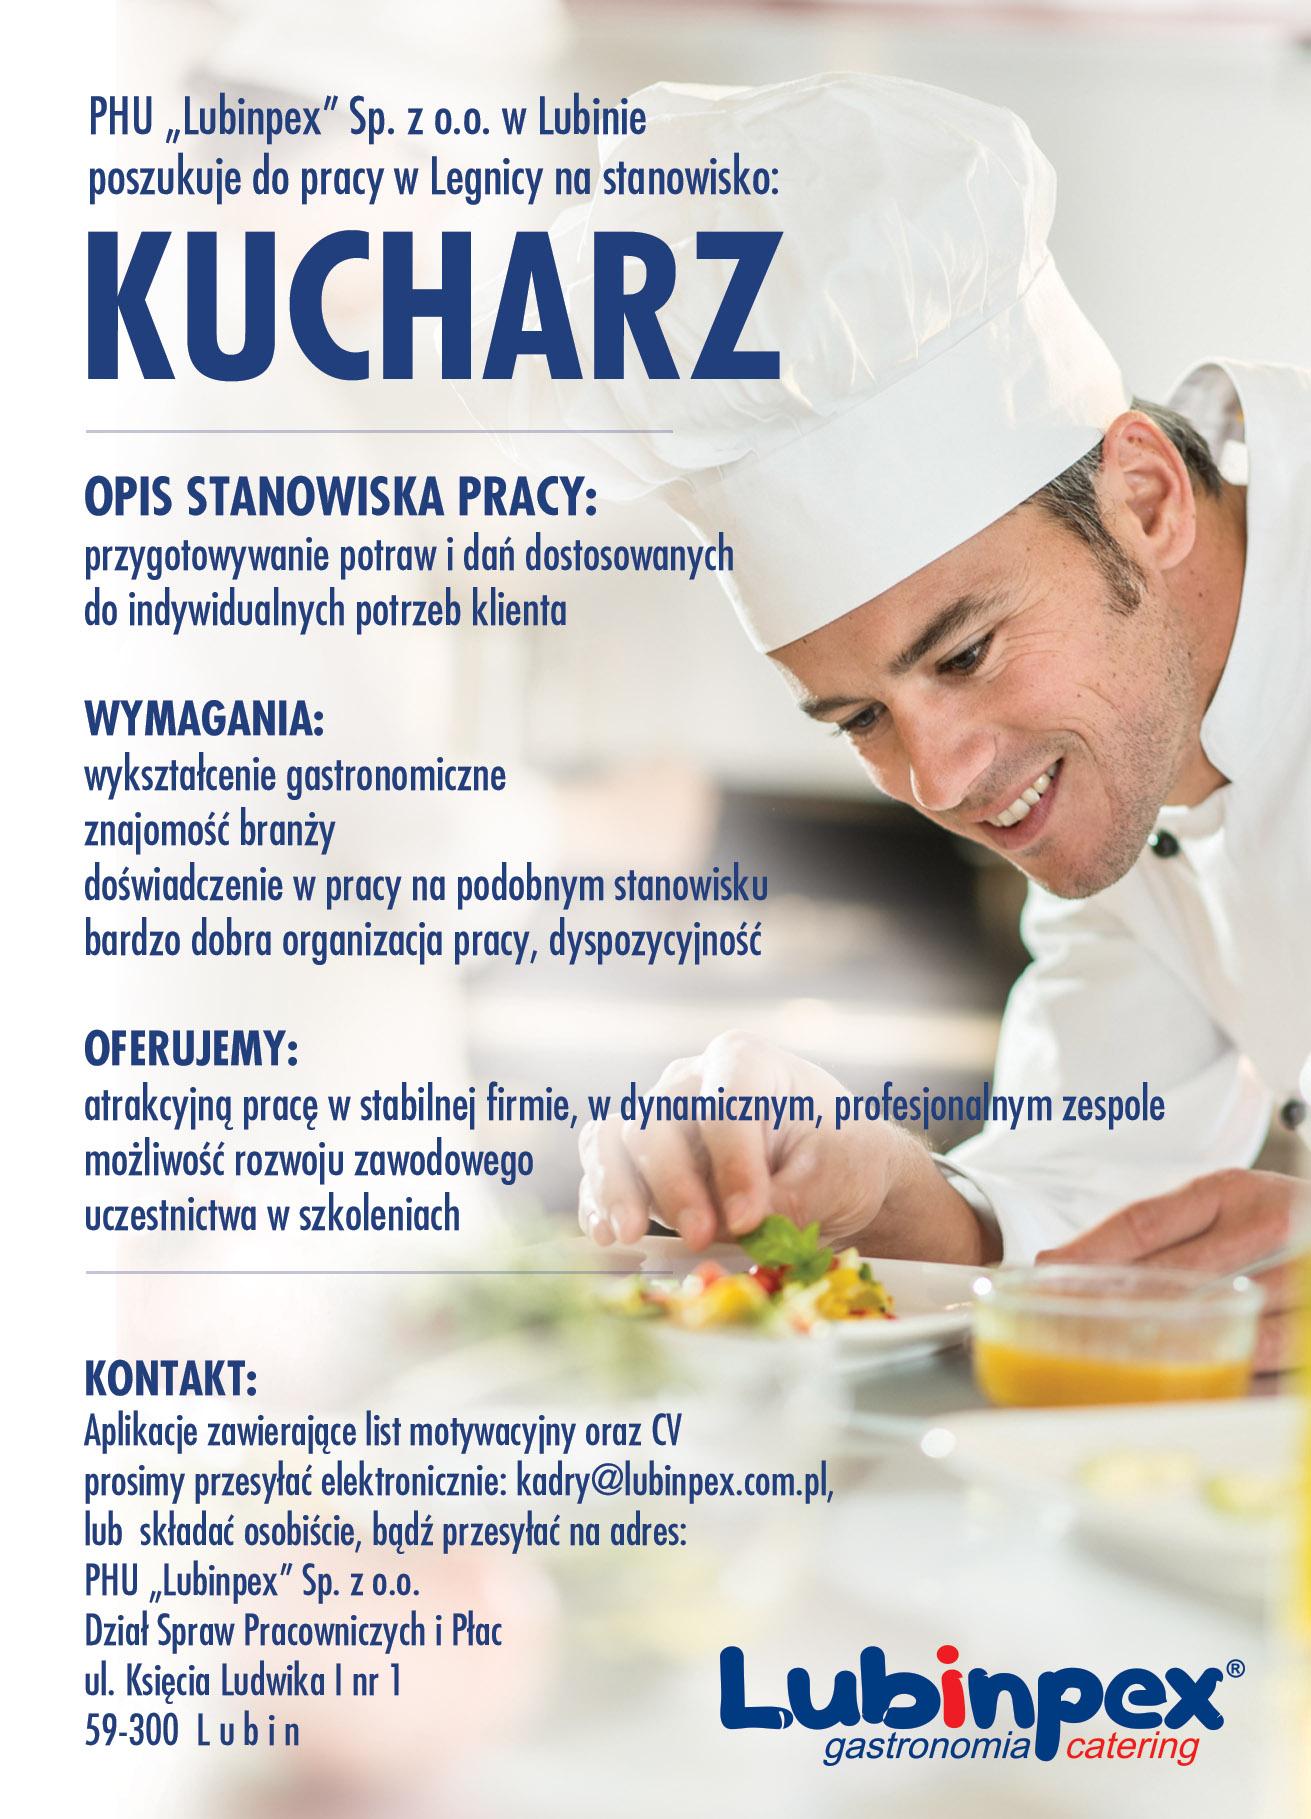 Praca na stanowisku Kucharza w Legnicy! CV proszę wysyłać na email: kadry@lubinpex.com.pl